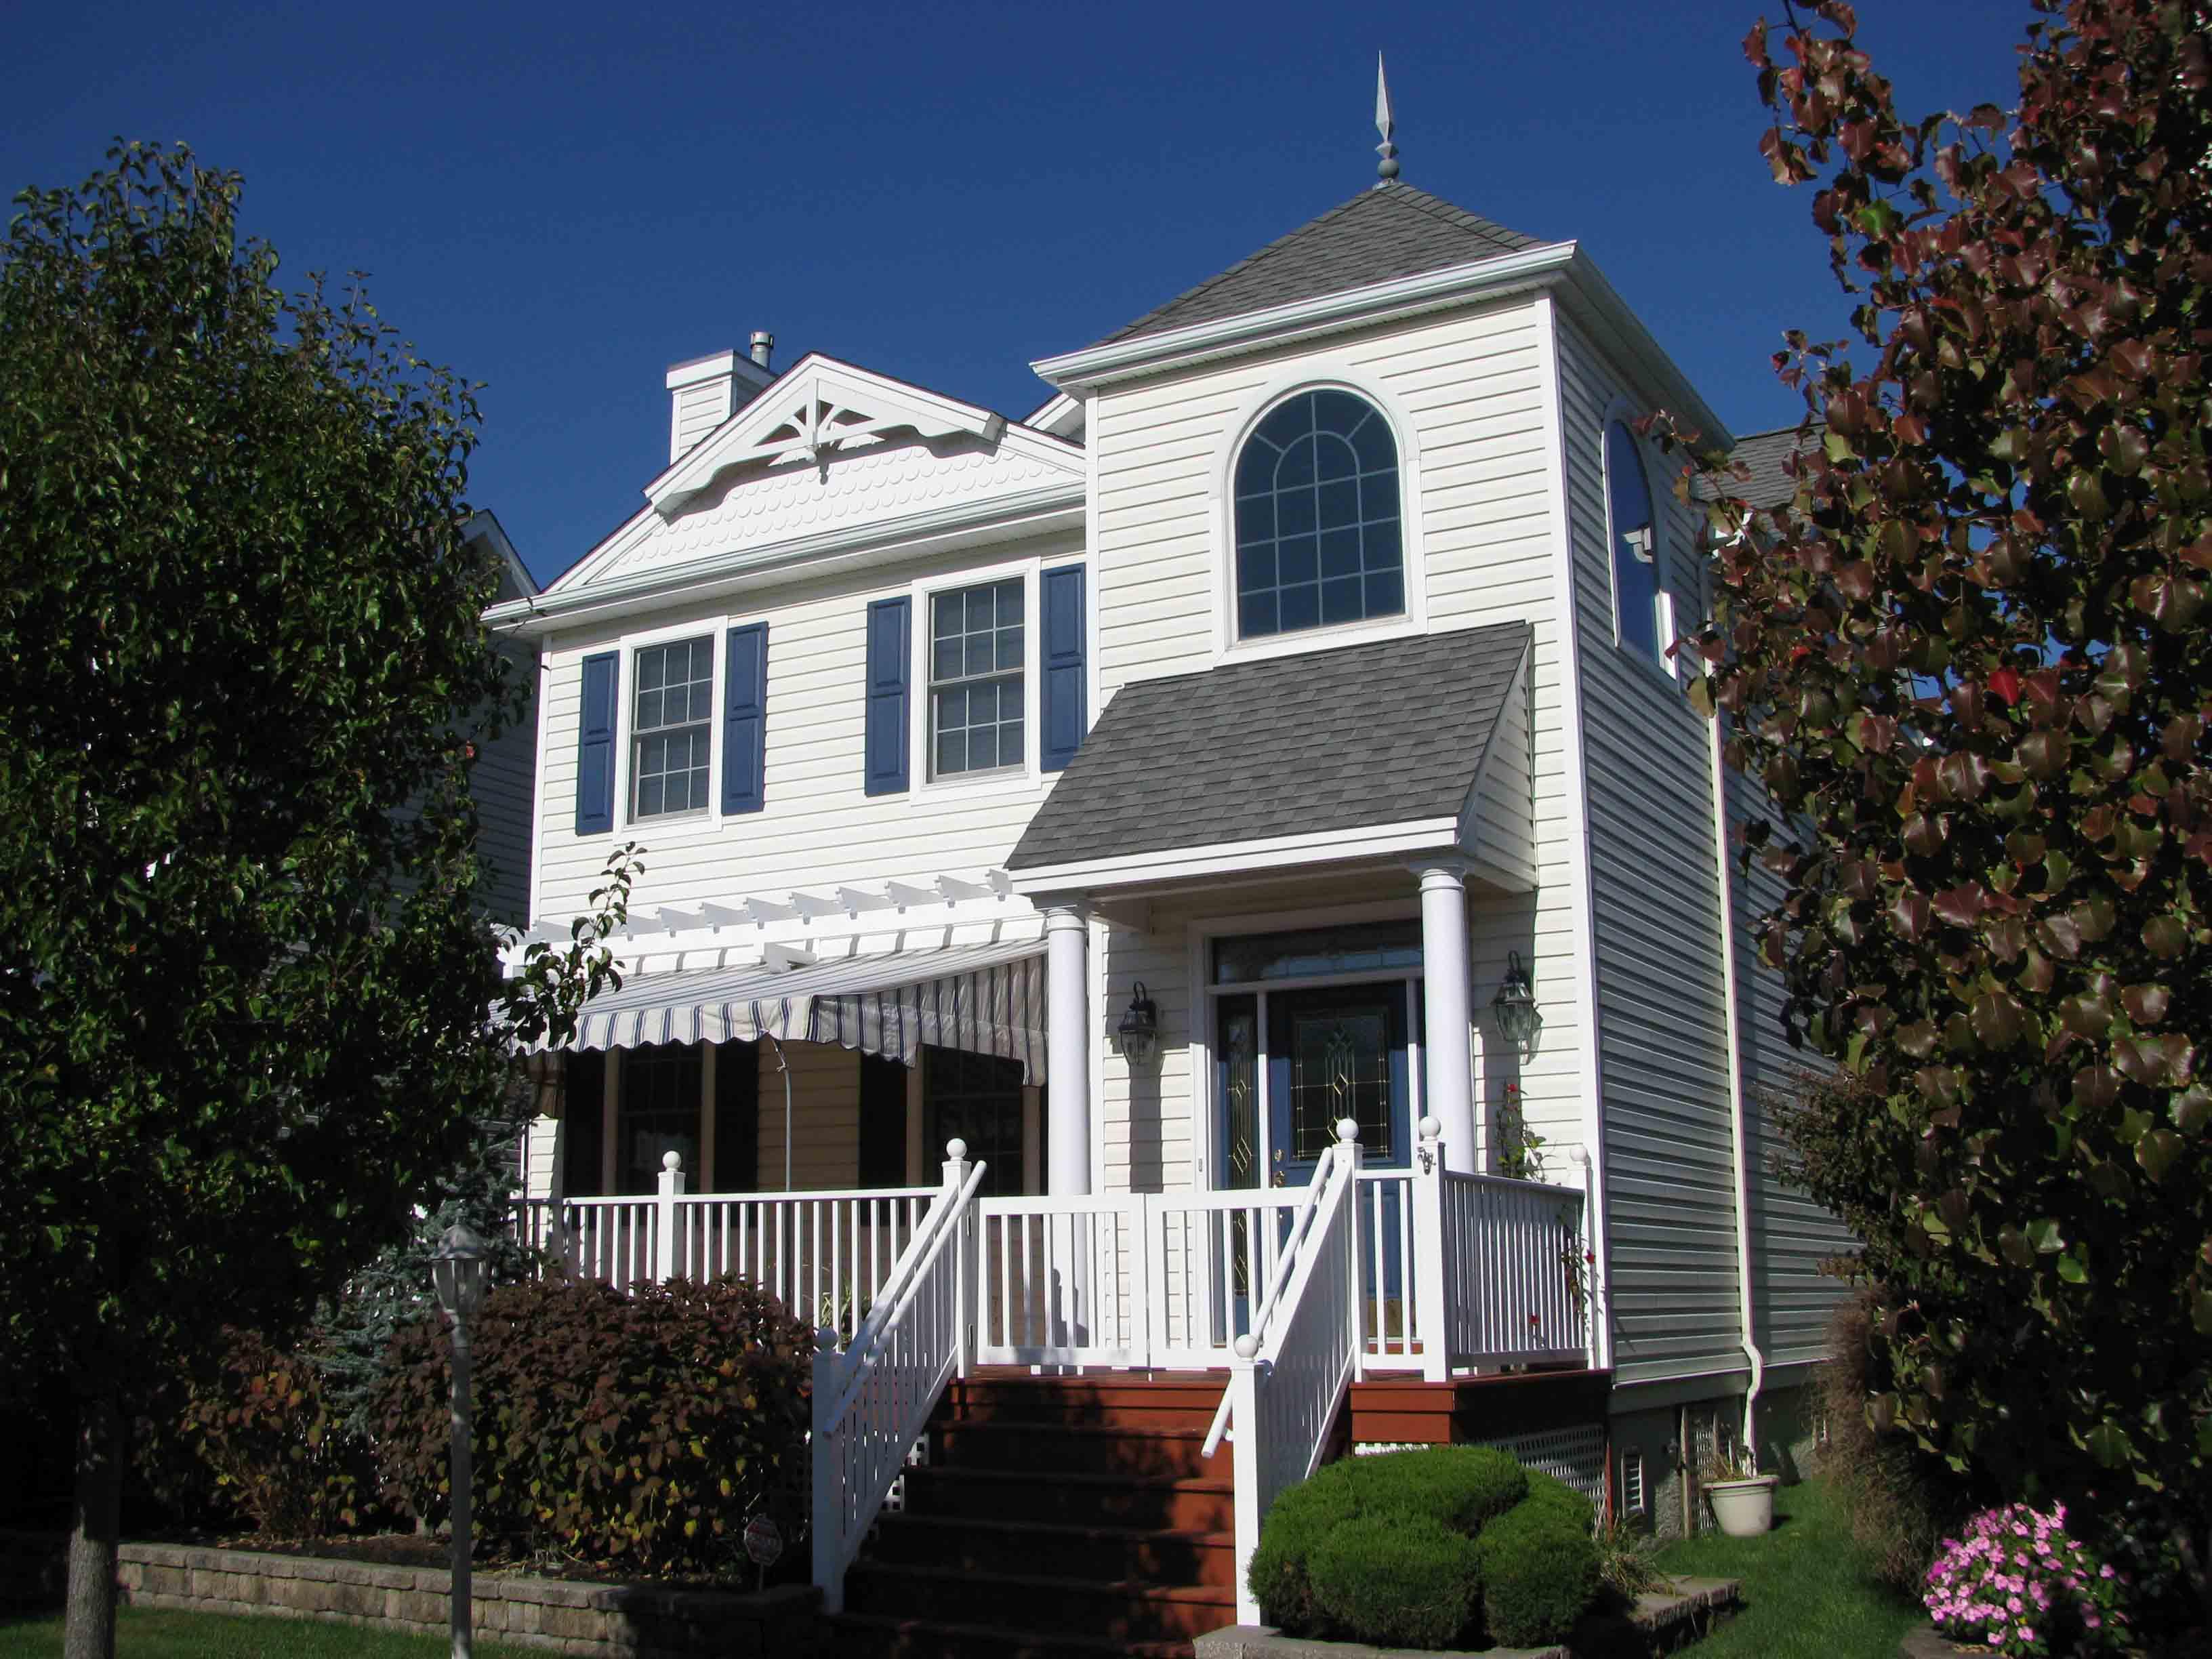 Coastal Homes Single Family24